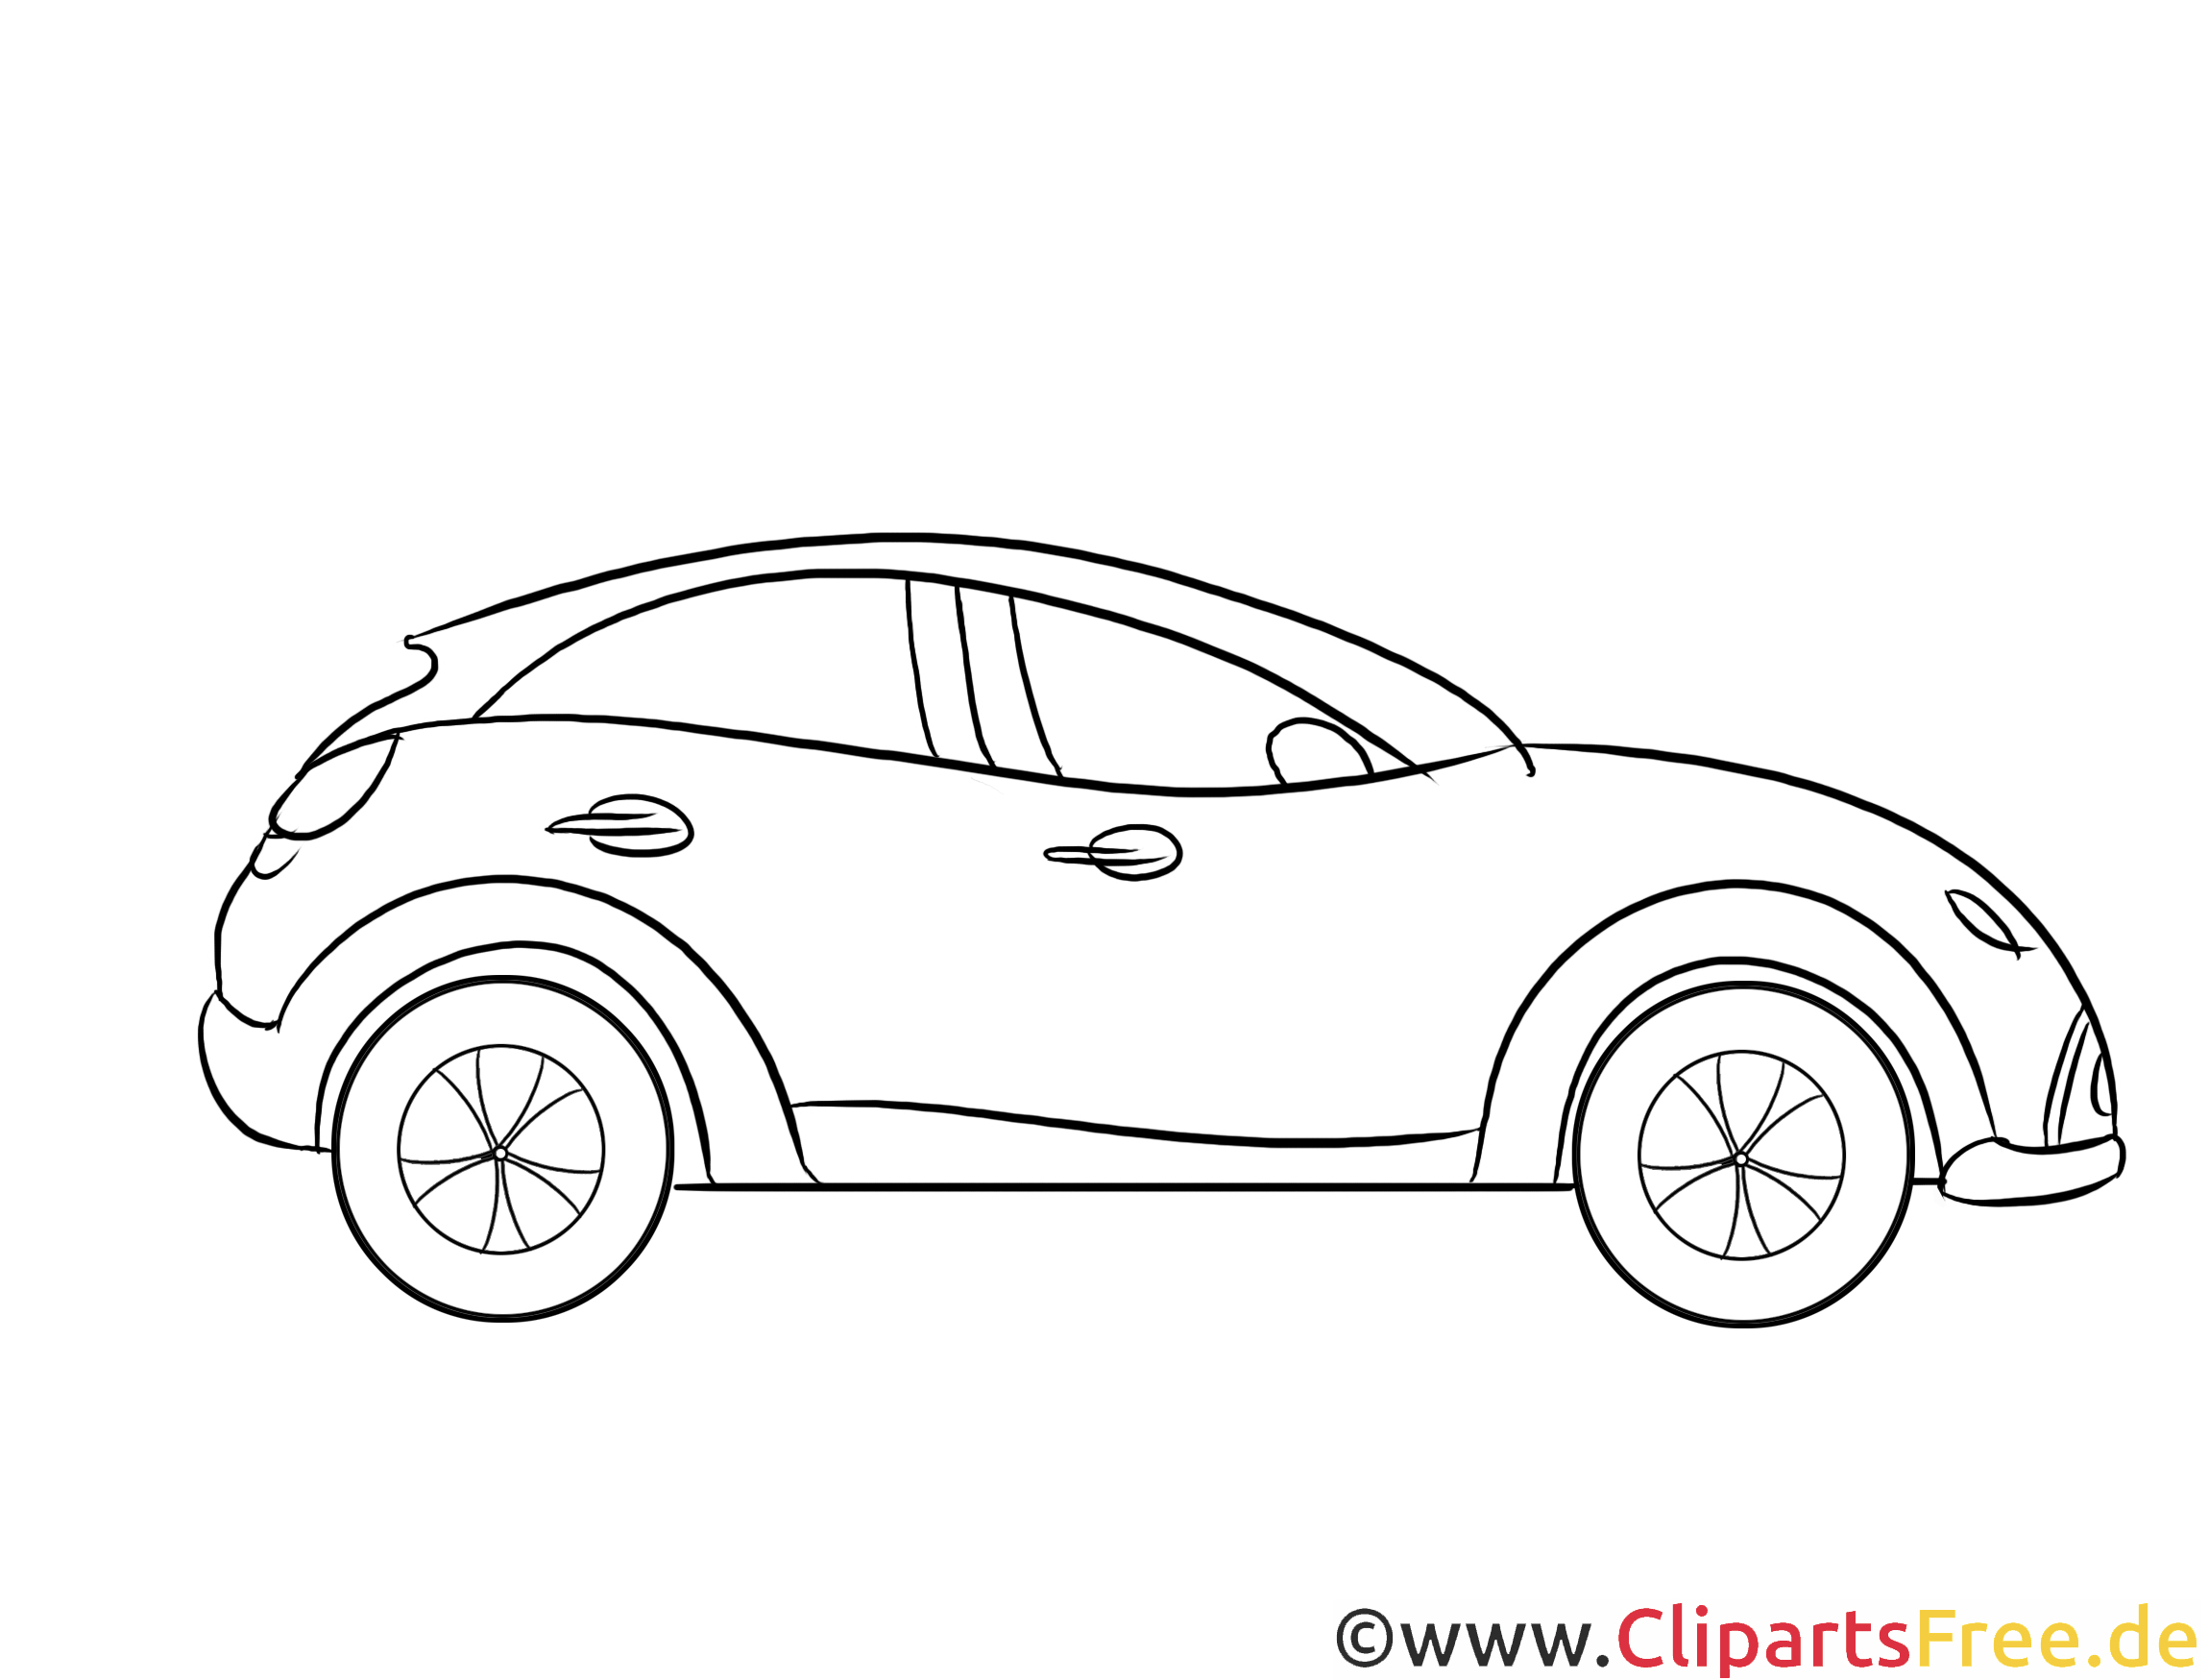 Laubsägevorlagen Kostenlos Download Und Ausdrucken ganzes Auto Bilder Zum Ausdrucken